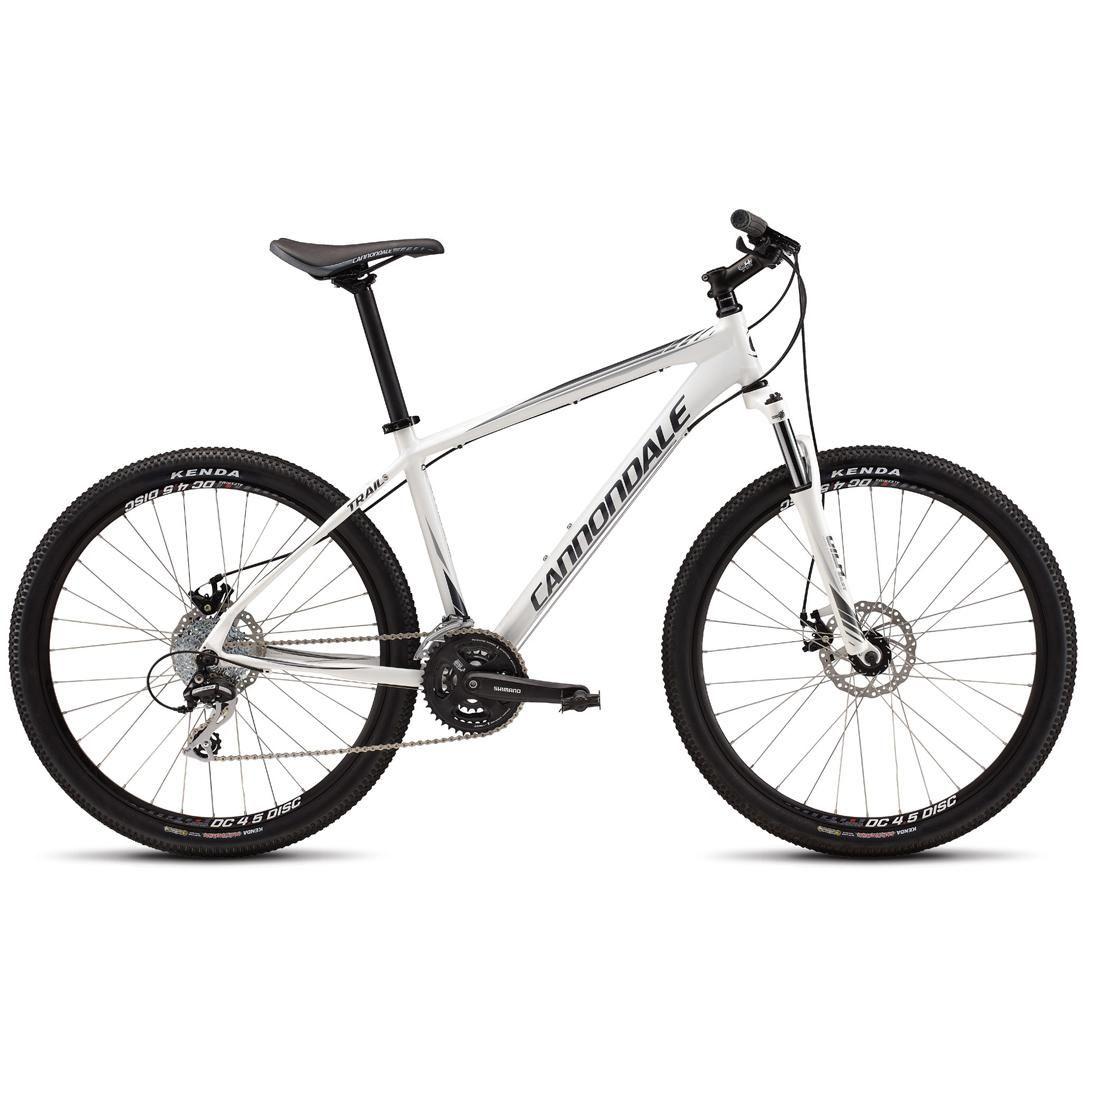 f8f1c652fed New mountain bike. http://WhatIsTheBestMountainBike.com Road Mountain Bike,  Best